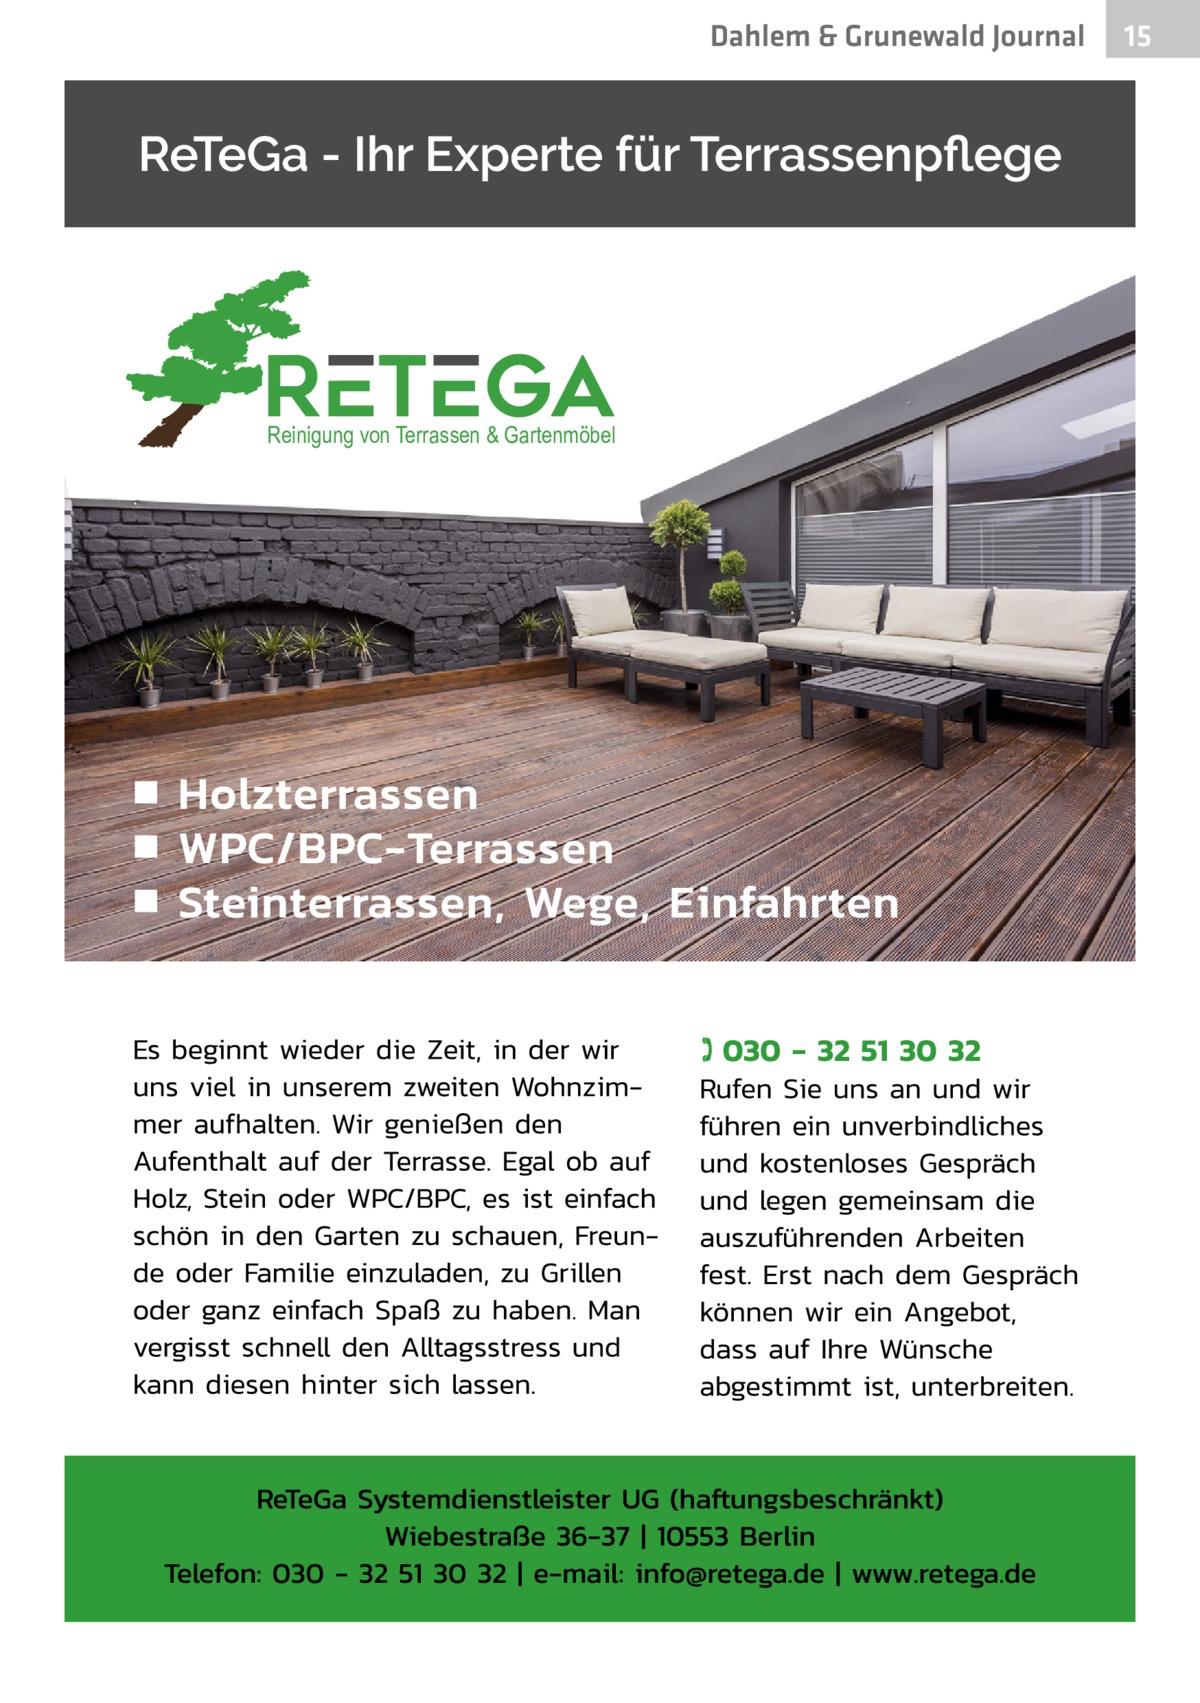 Dahlem & Grunewald Gesundheit Journal  Reinigung von Terrassen & Gartenmöbel  15 15